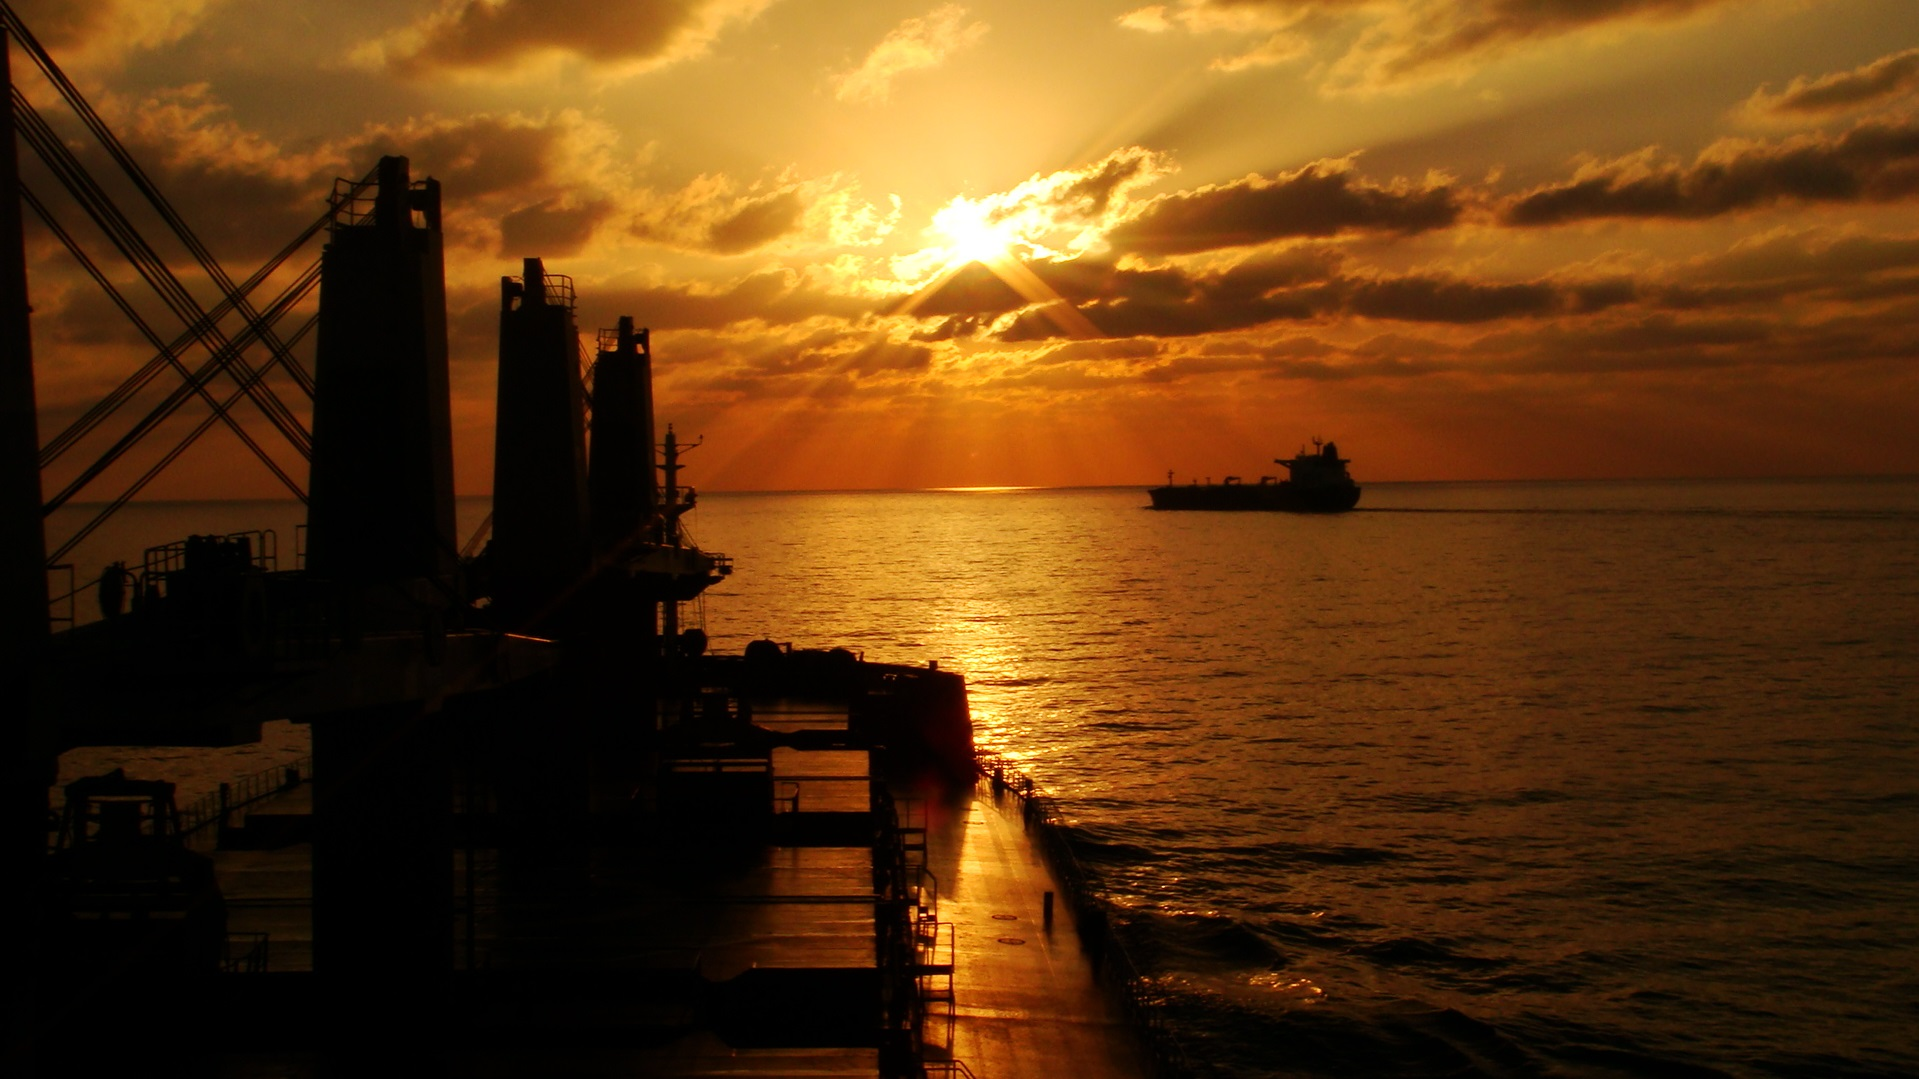 Πλέοντας προς Σρι Λάνκα… - e-Nautilia.gr | Το Ελληνικό Portal για την Ναυτιλία. Τελευταία νέα, άρθρα, Οπτικοακουστικό Υλικό